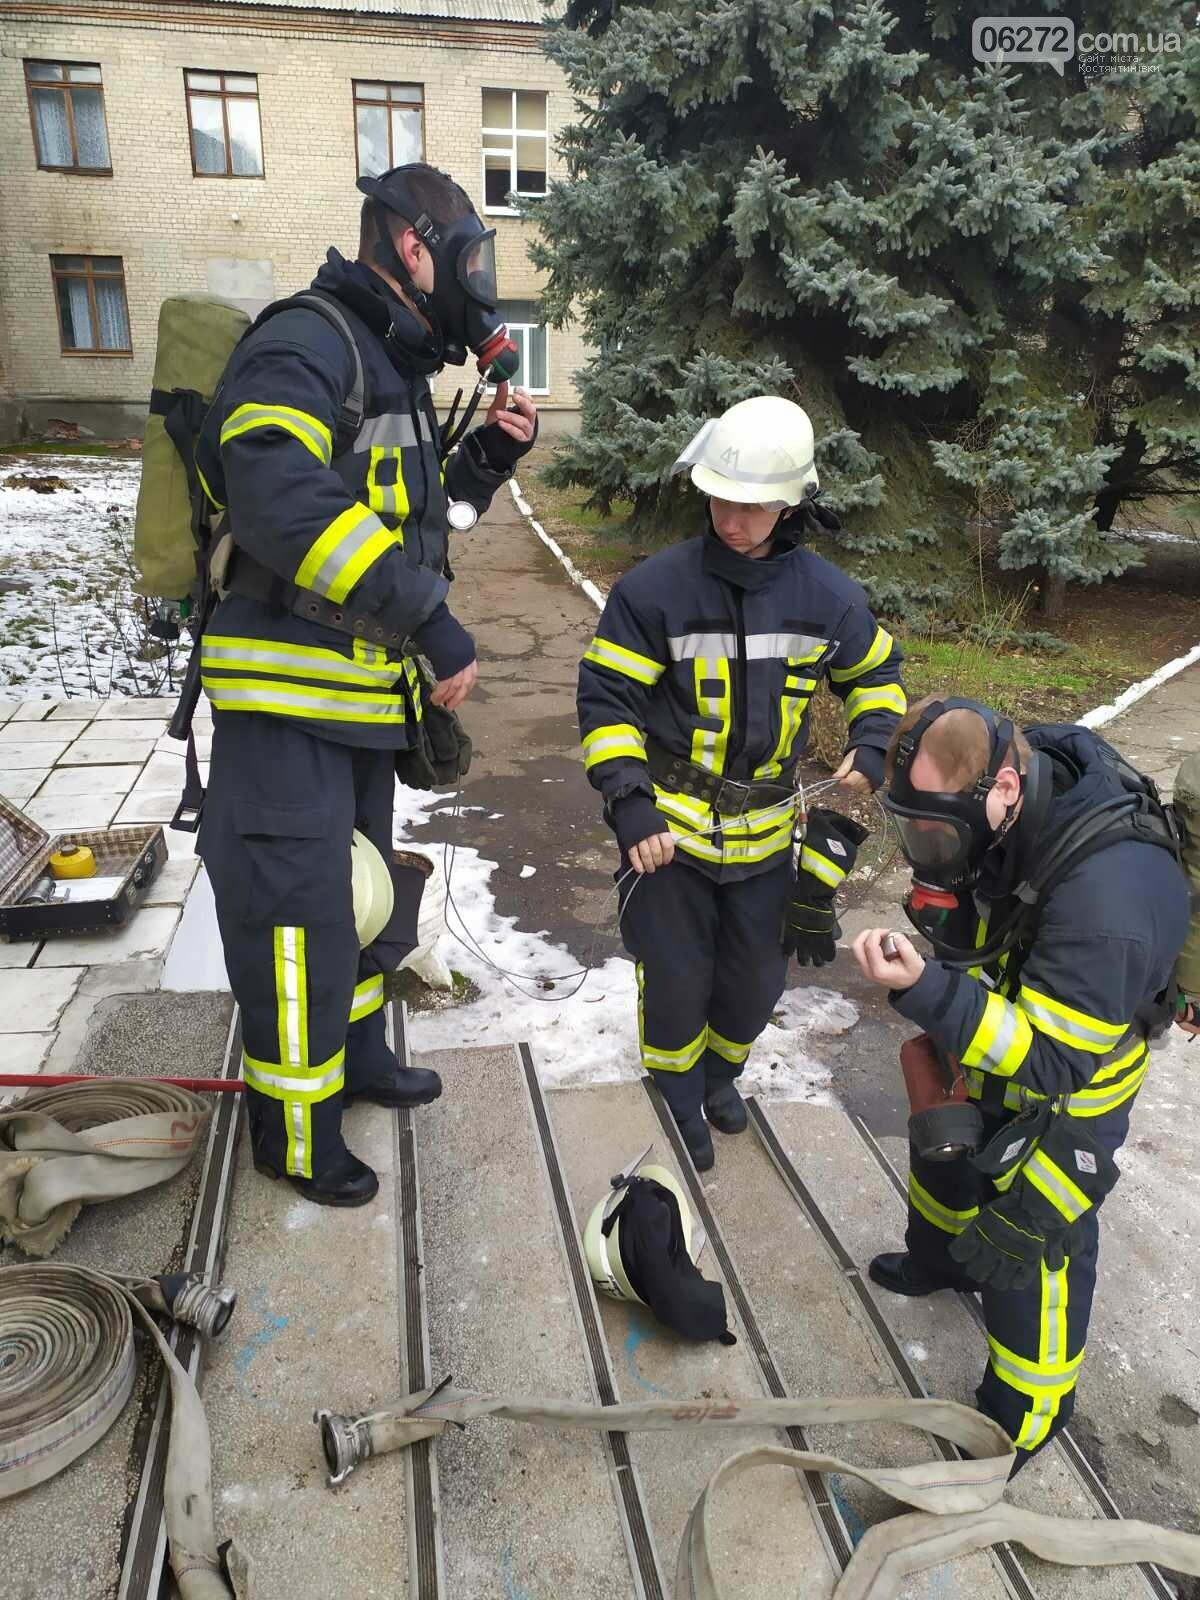 Рятувальники Костянтинівки провели навчання на території медичного коледжу, фото-2